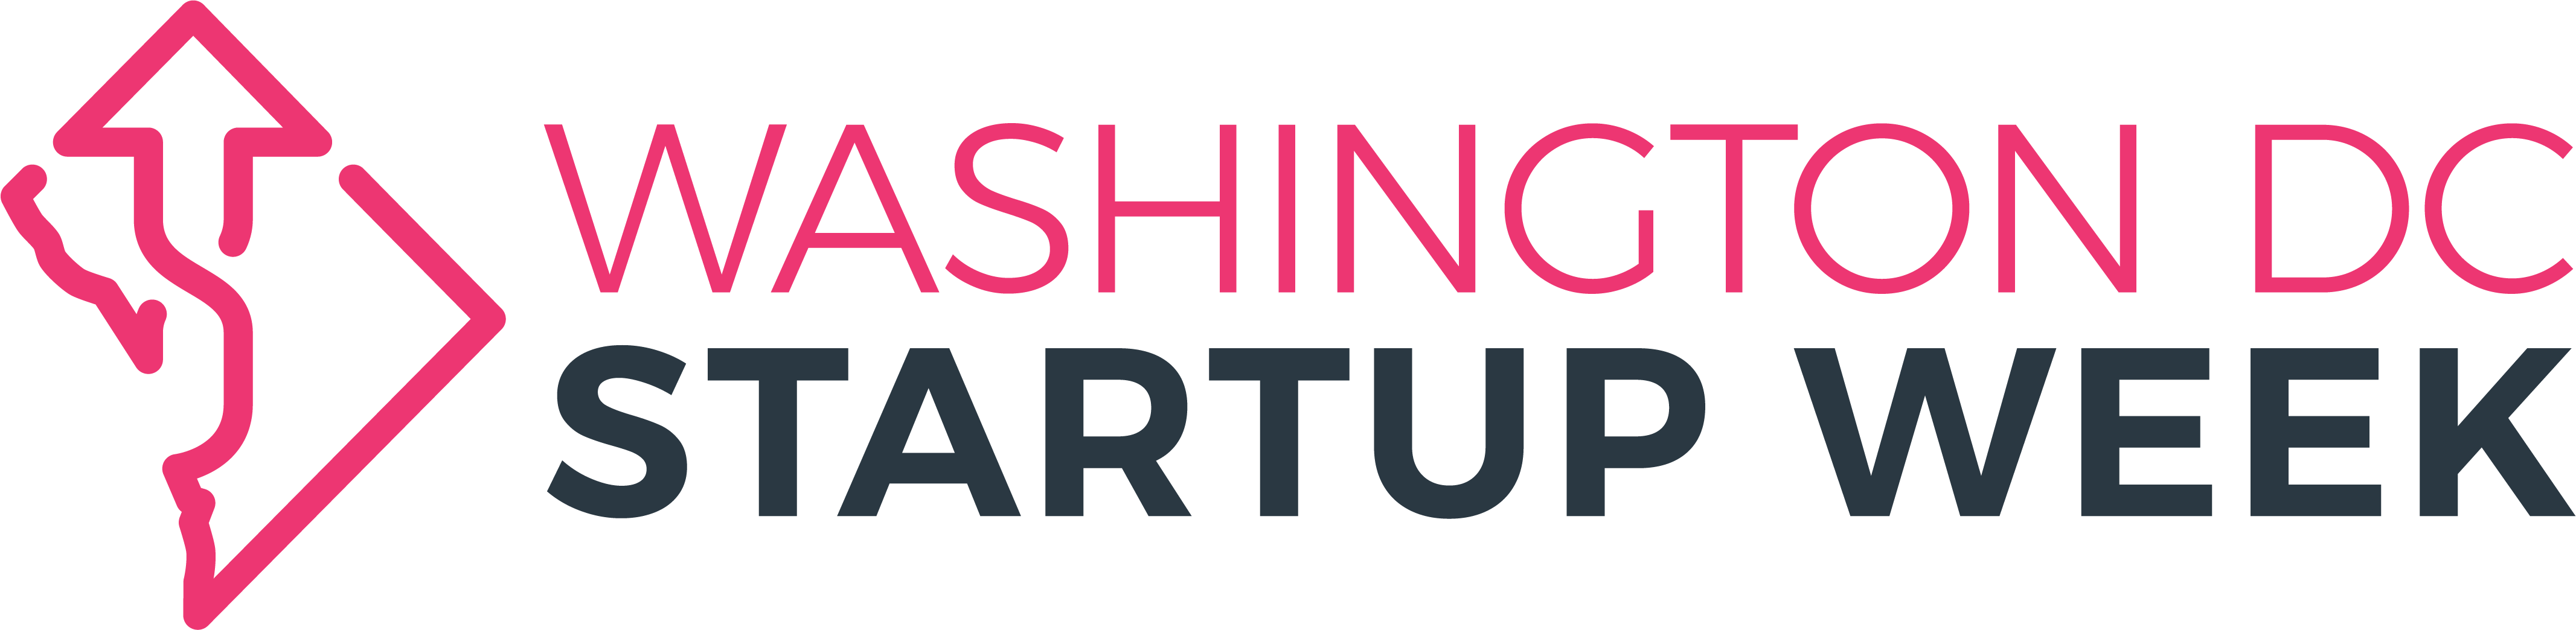 DC Startup Week